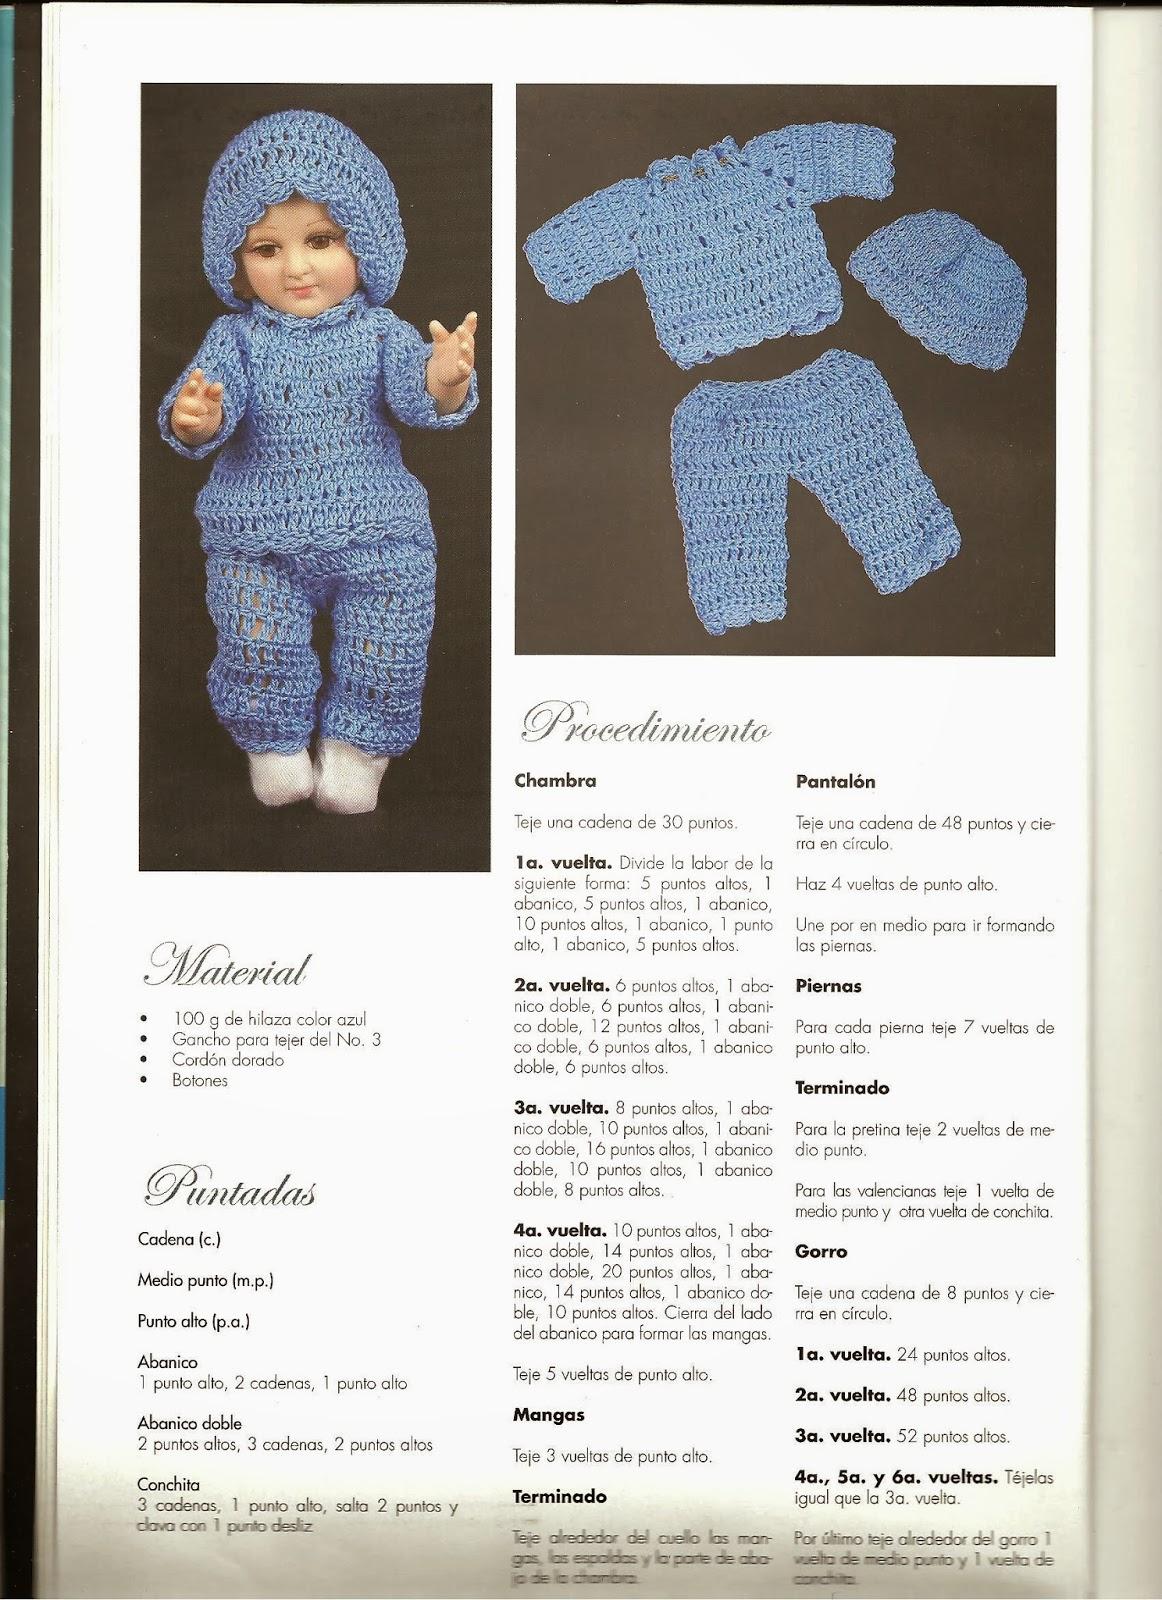 BORDADO FANTASIA MARIMUR: teje vestidos de niño dios esquemas gancho